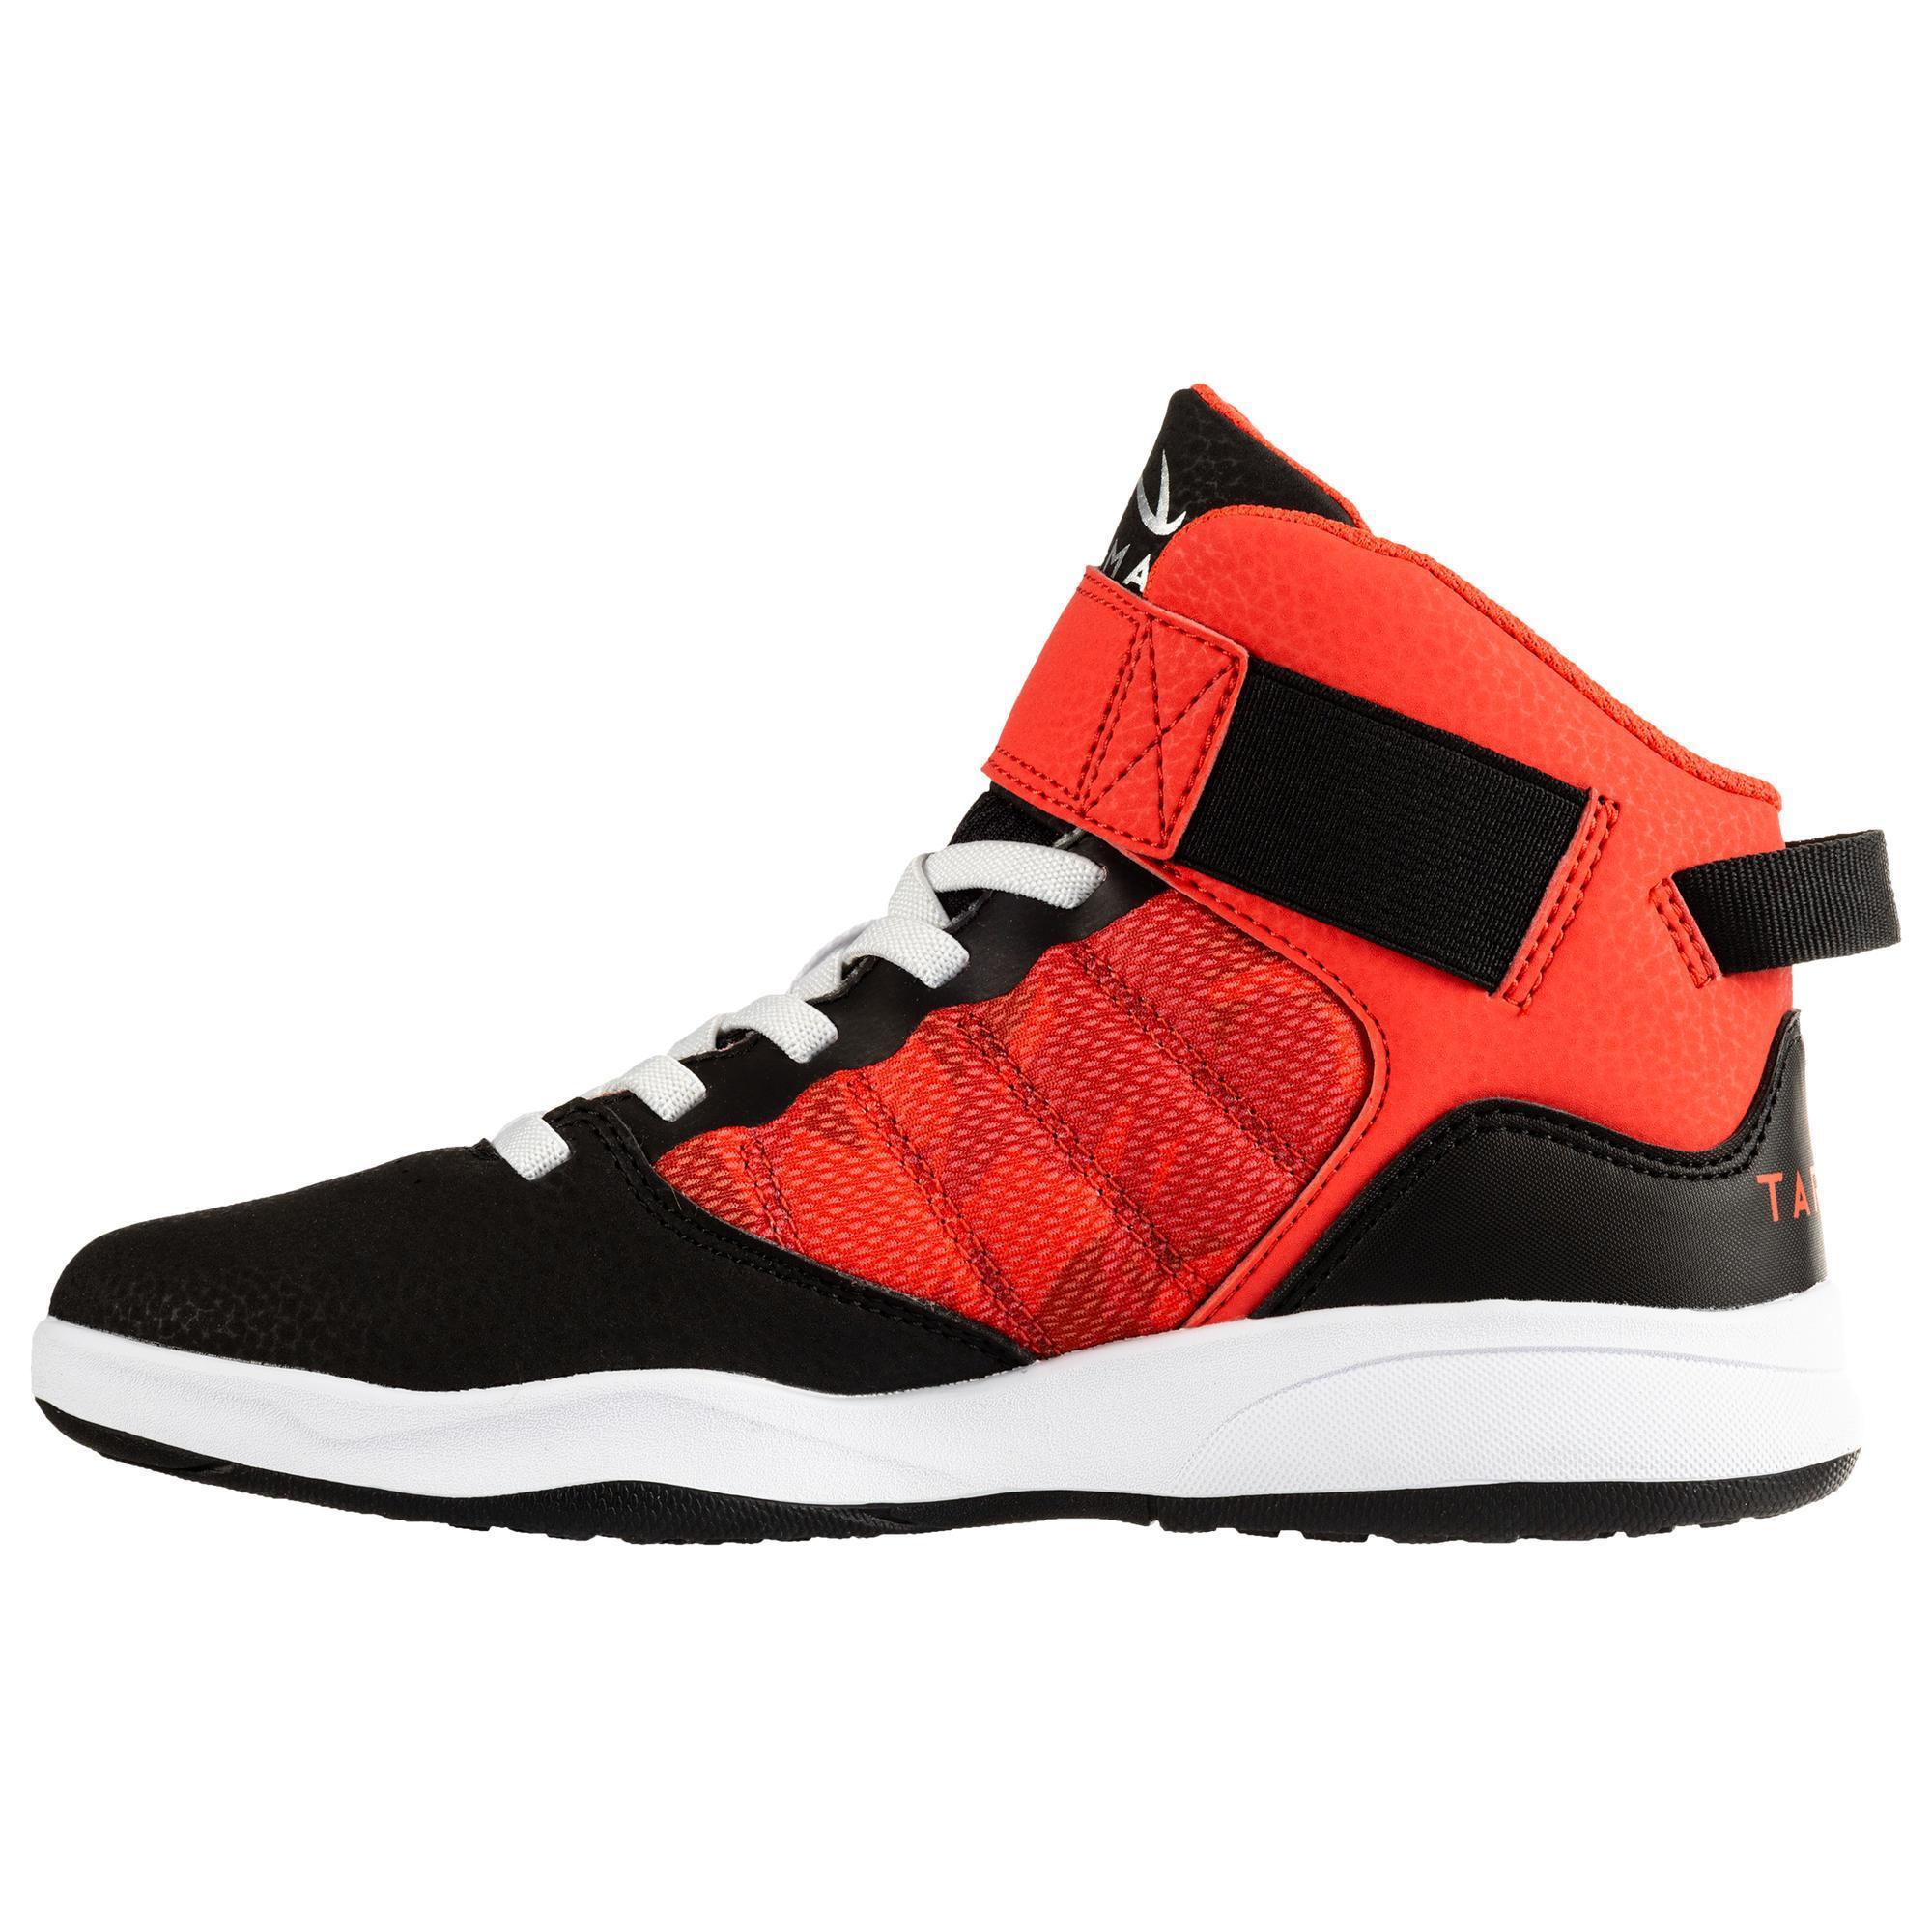 兒童款簡易初階籃球鞋SE100-黑色/紅色 - DECATHLON